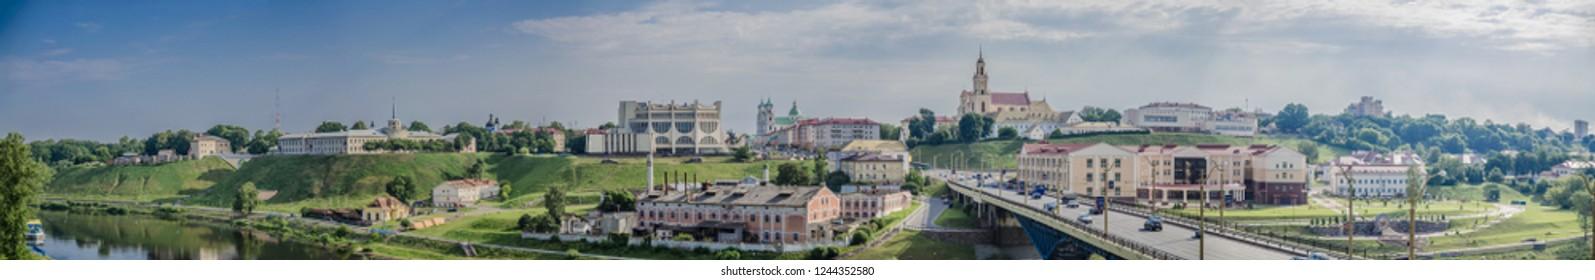 Grodno city in Belarus July 10, 2018